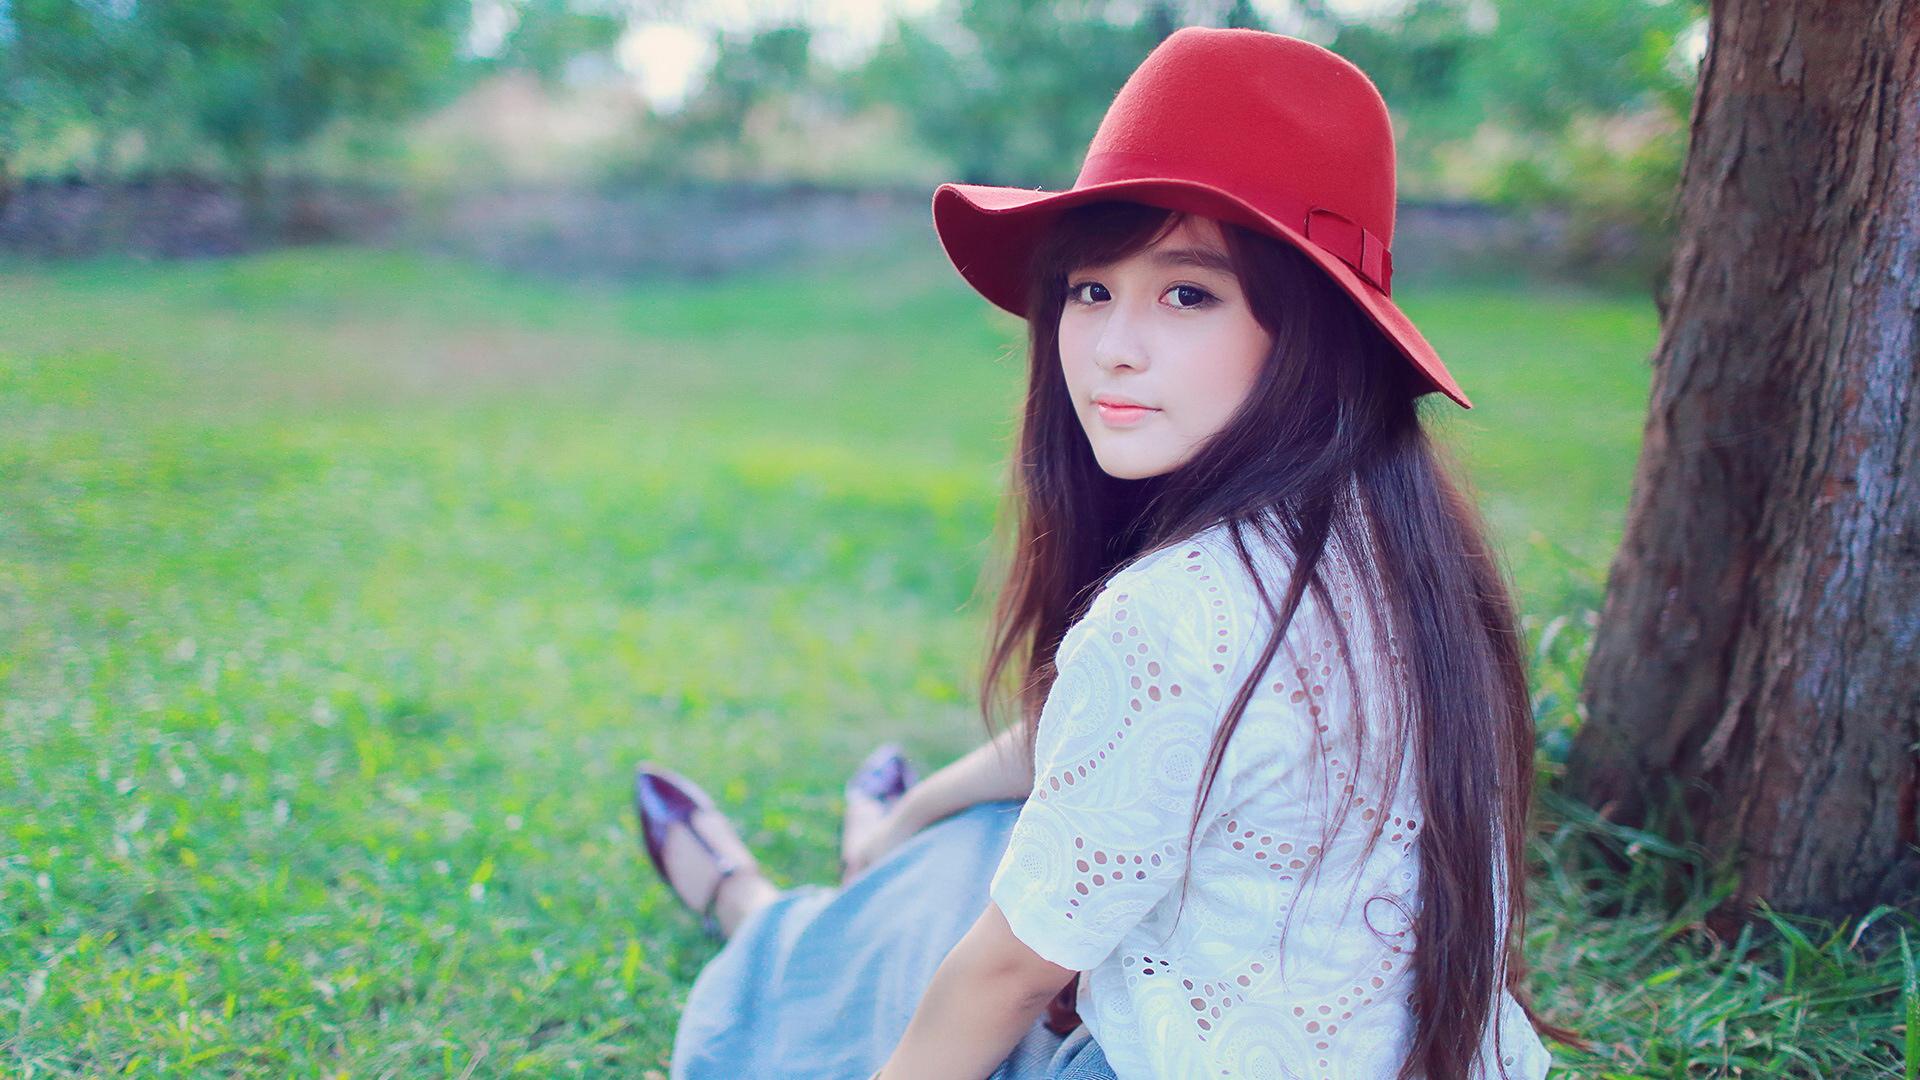 唯美女孩 - 1505147909 - 太阳的博客